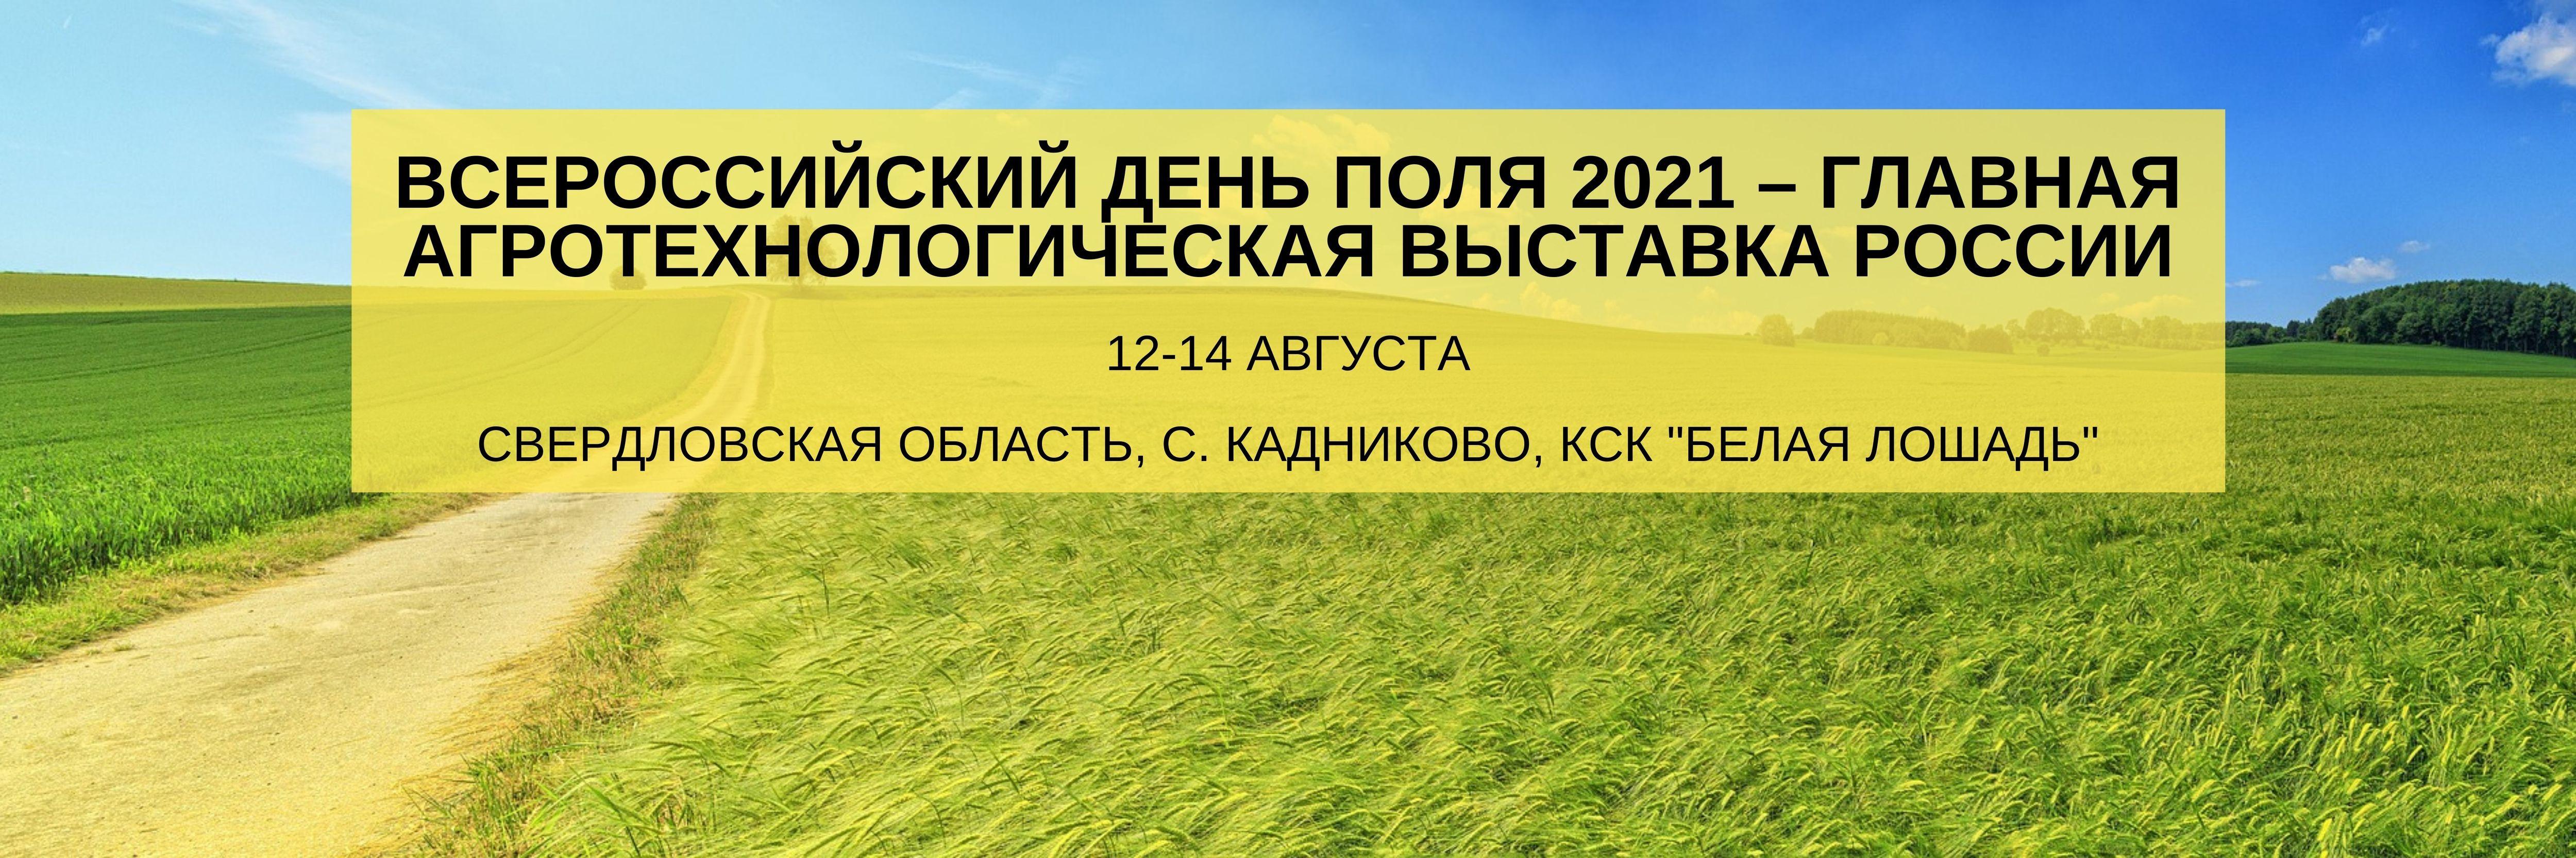 День поля 2021